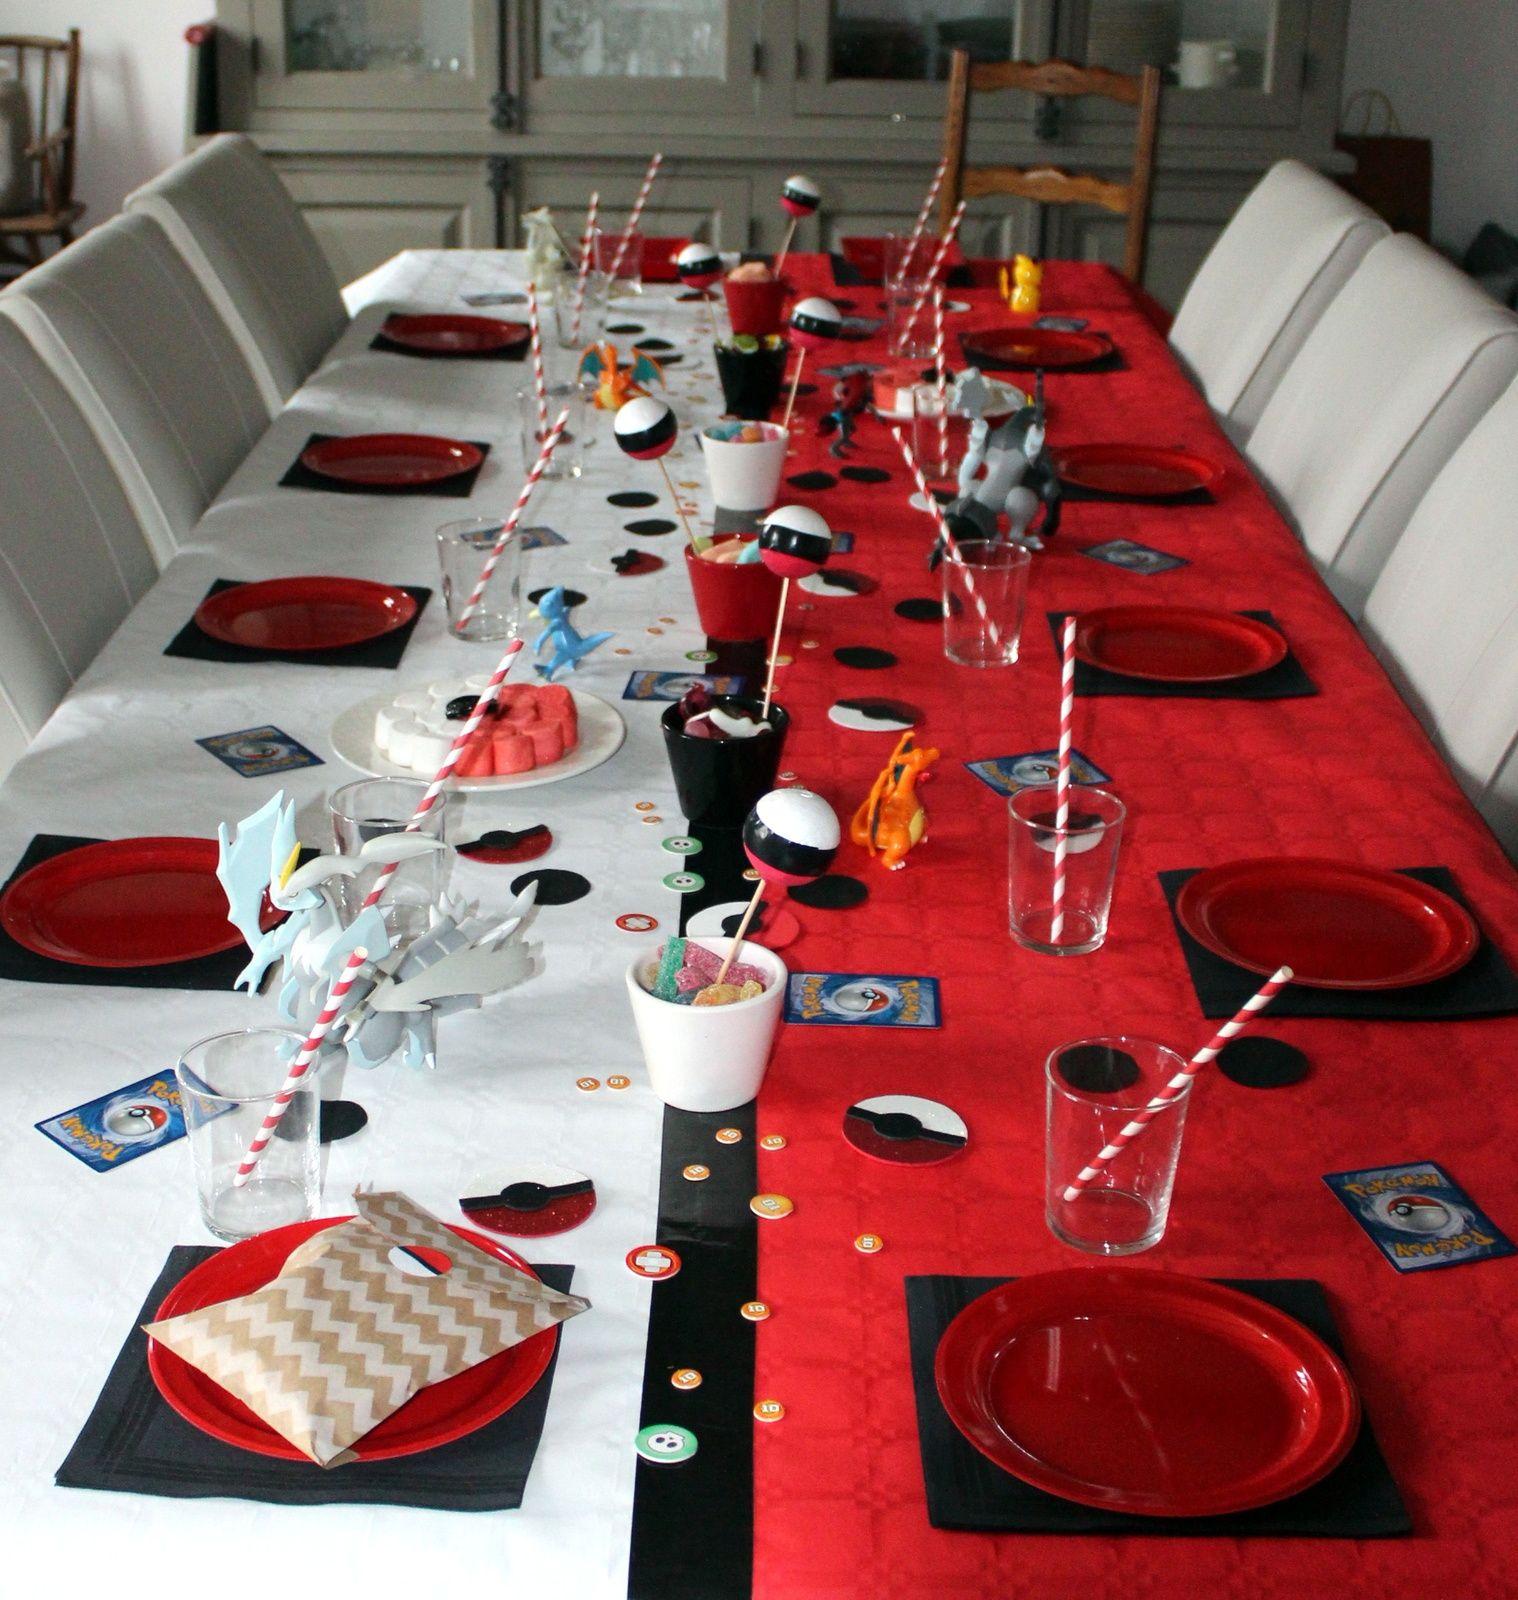 Idee deco de table pour anniversaire fashion designs - Idee de repas pour anniversaire ...